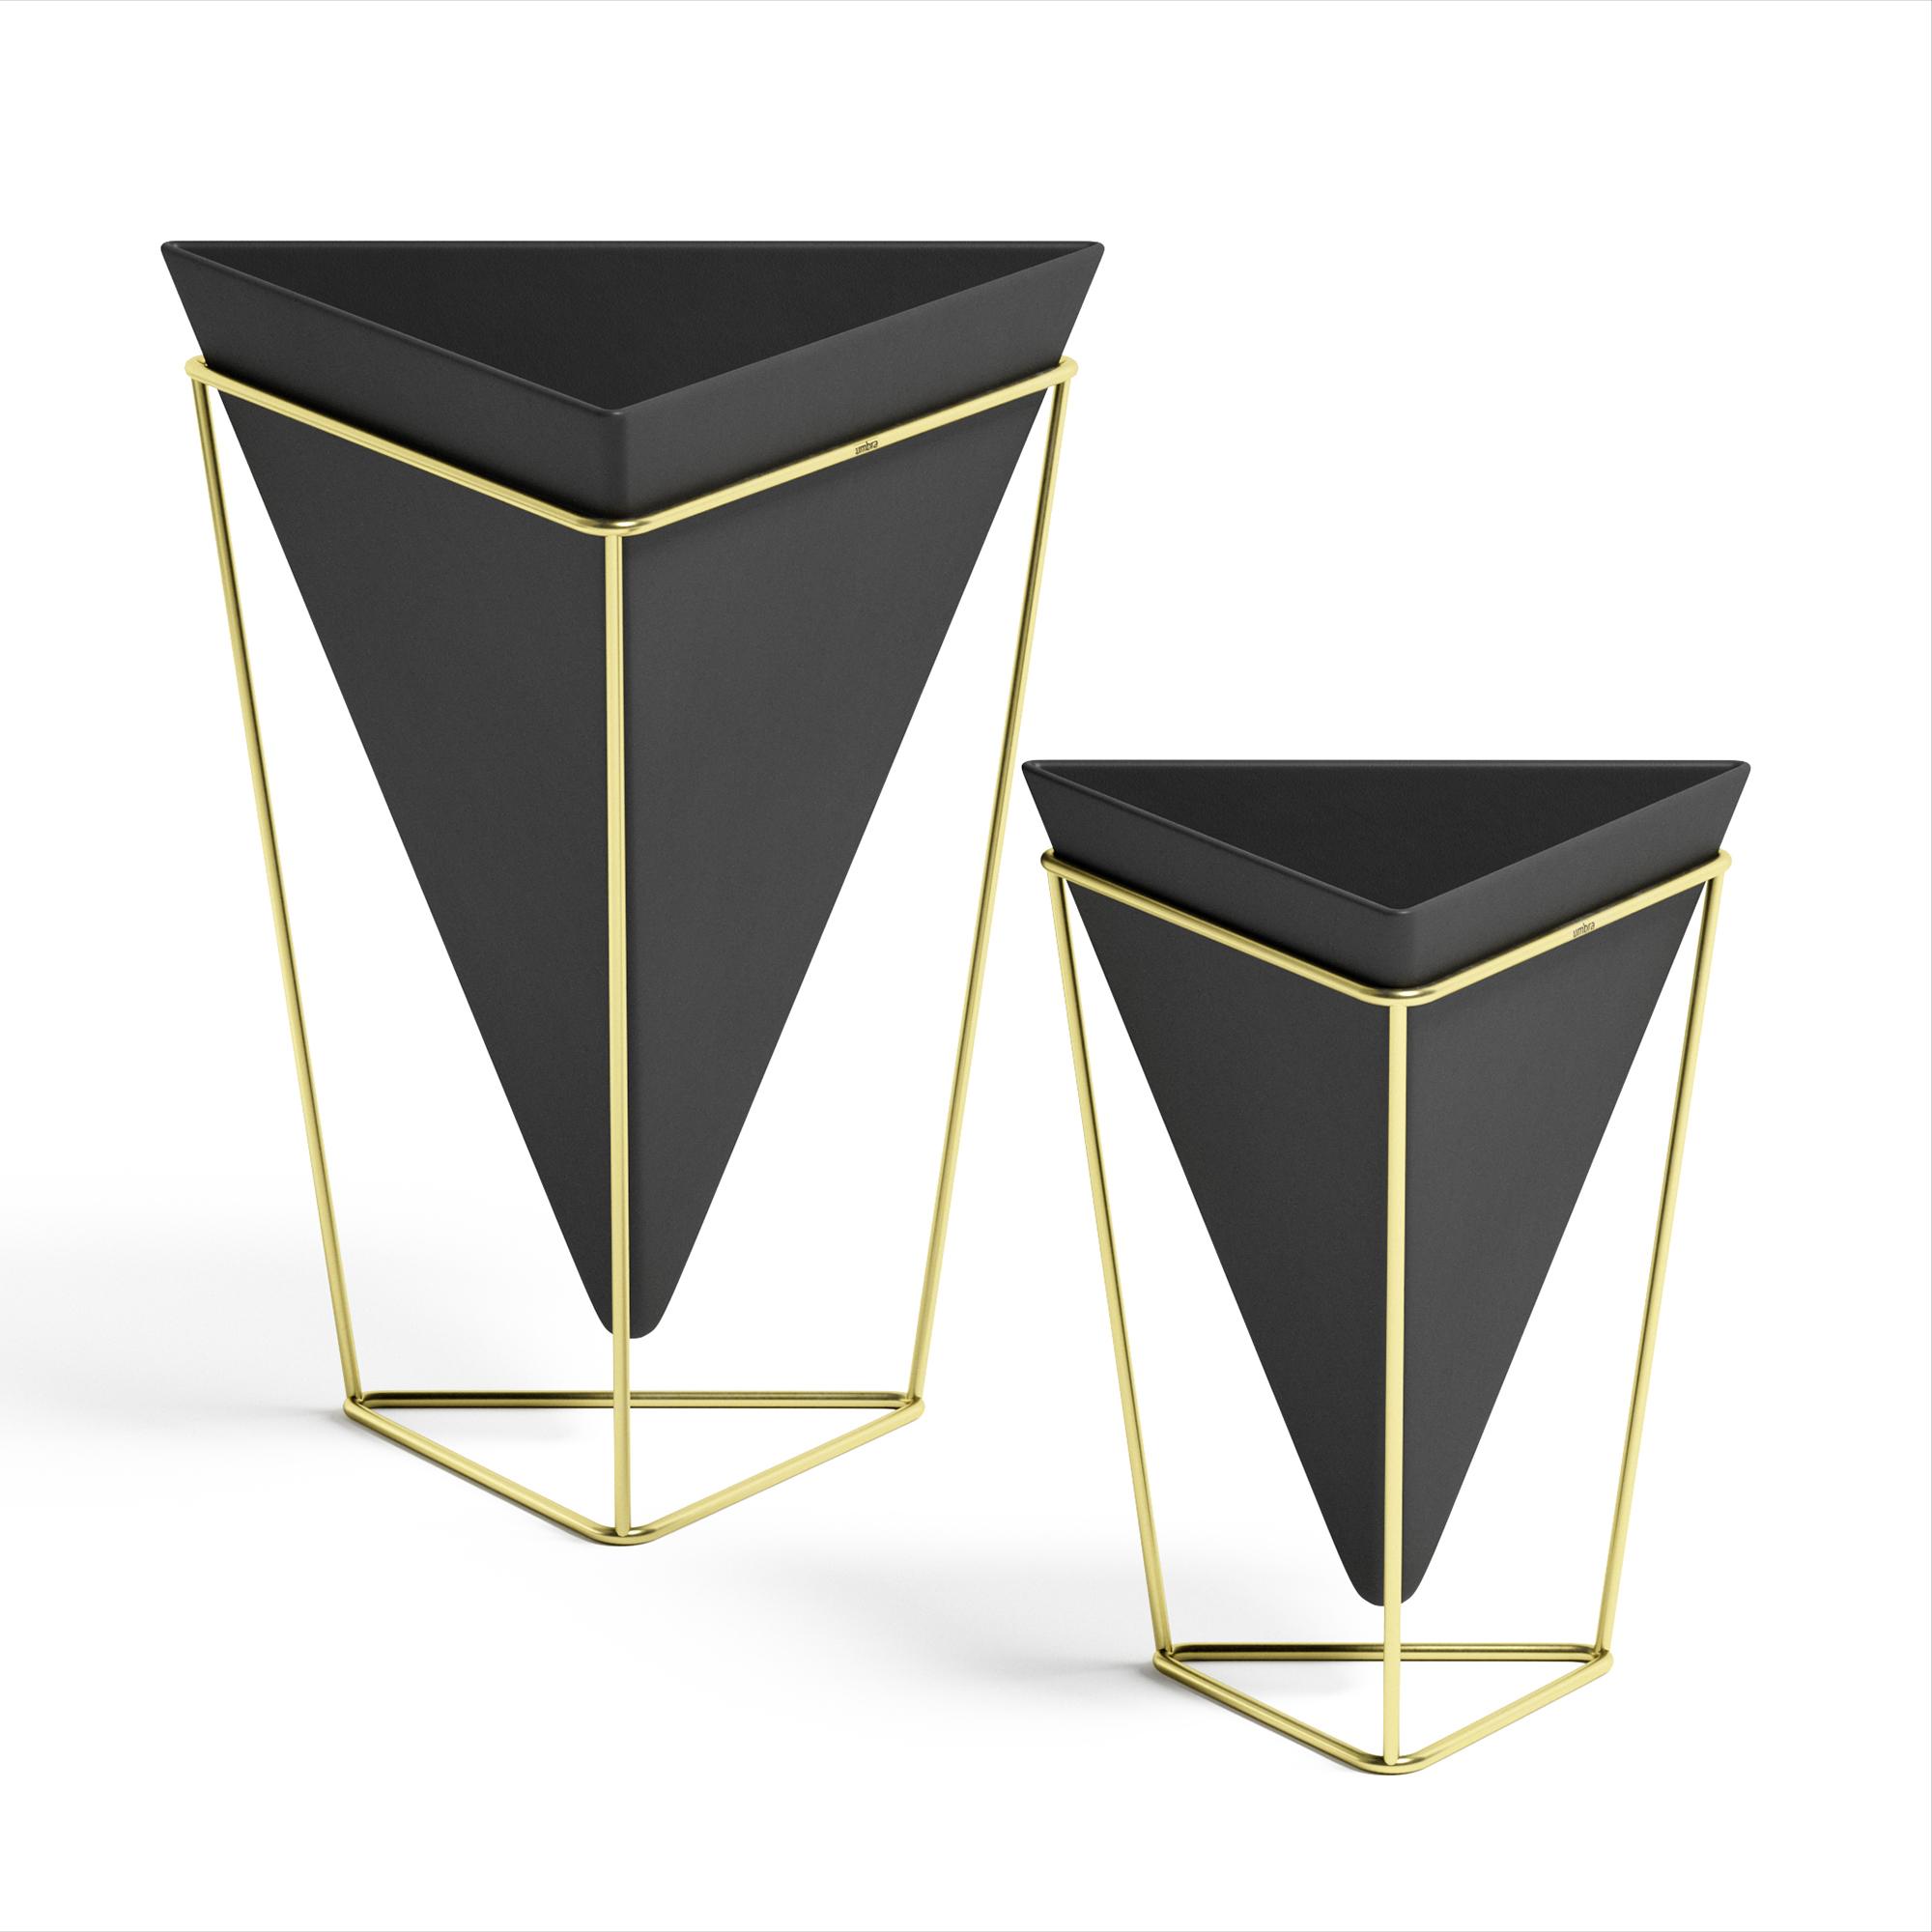 lot de 2 pots de fleurs ass. à poser, céramique noir et doré